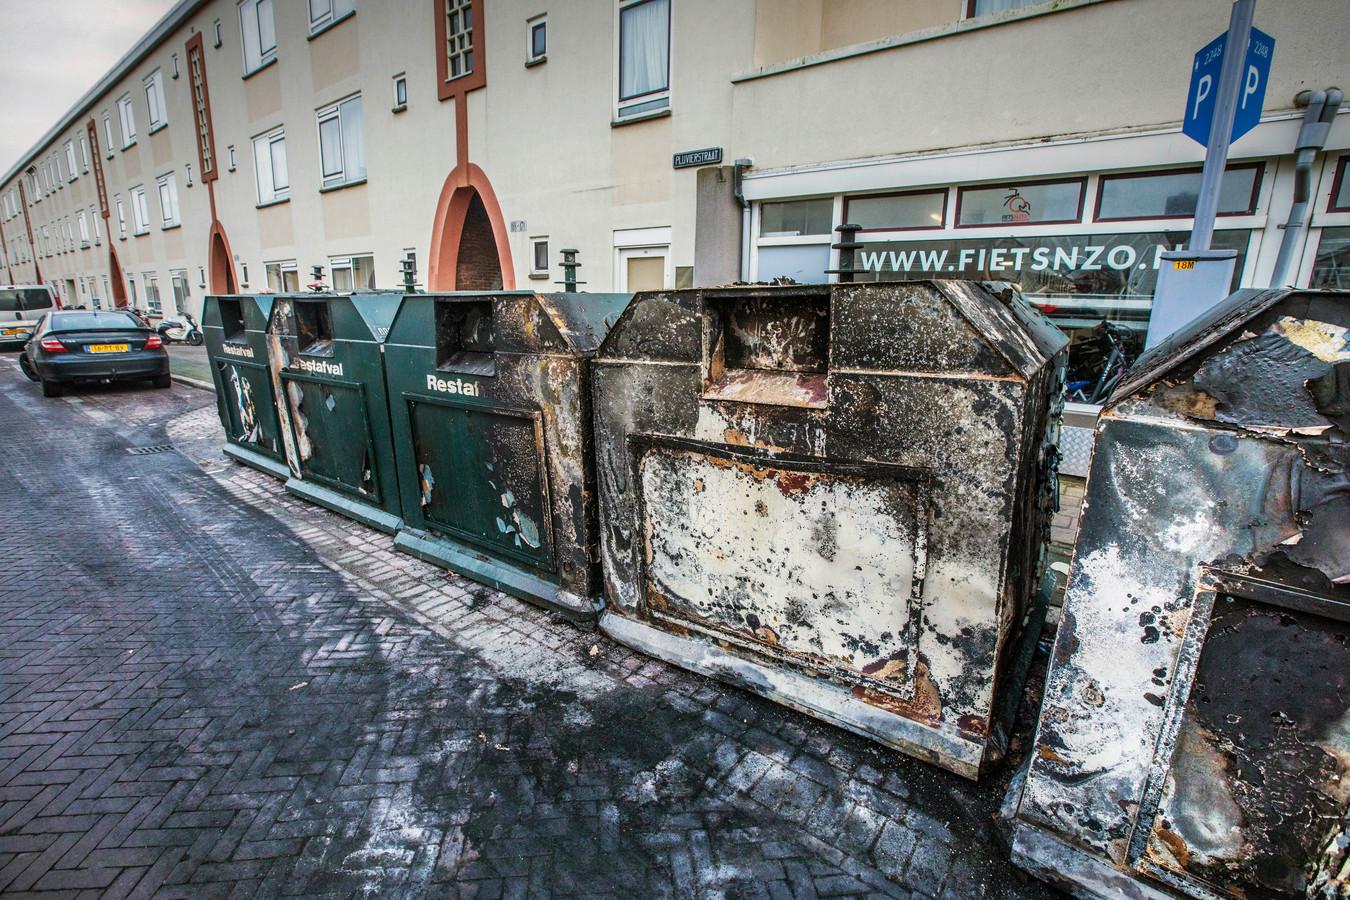 Een triest straatbeeld in Duindorp: afgebrande vuilcontainers